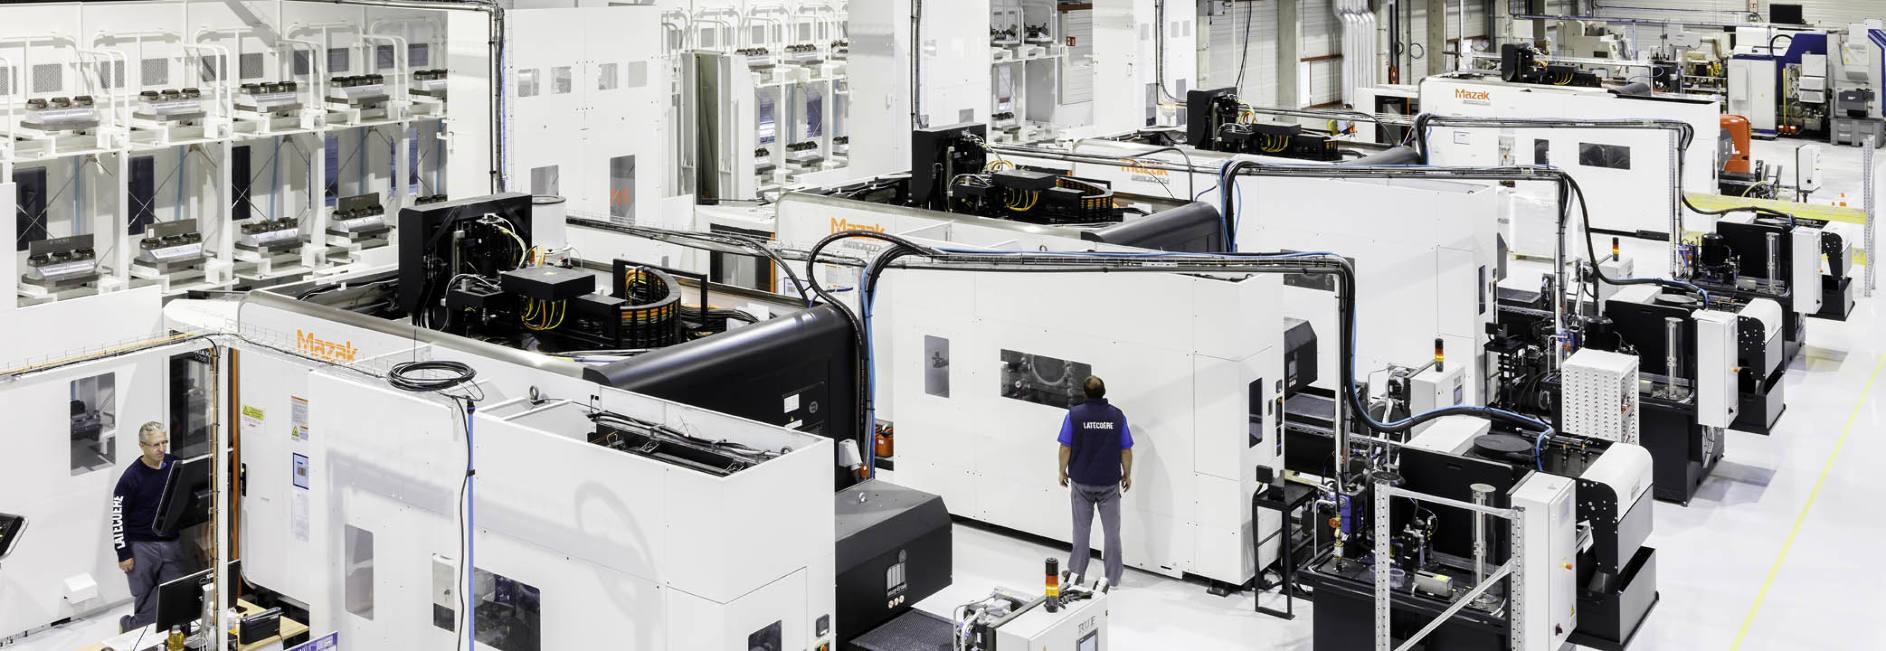 New Latécoère smart factory.